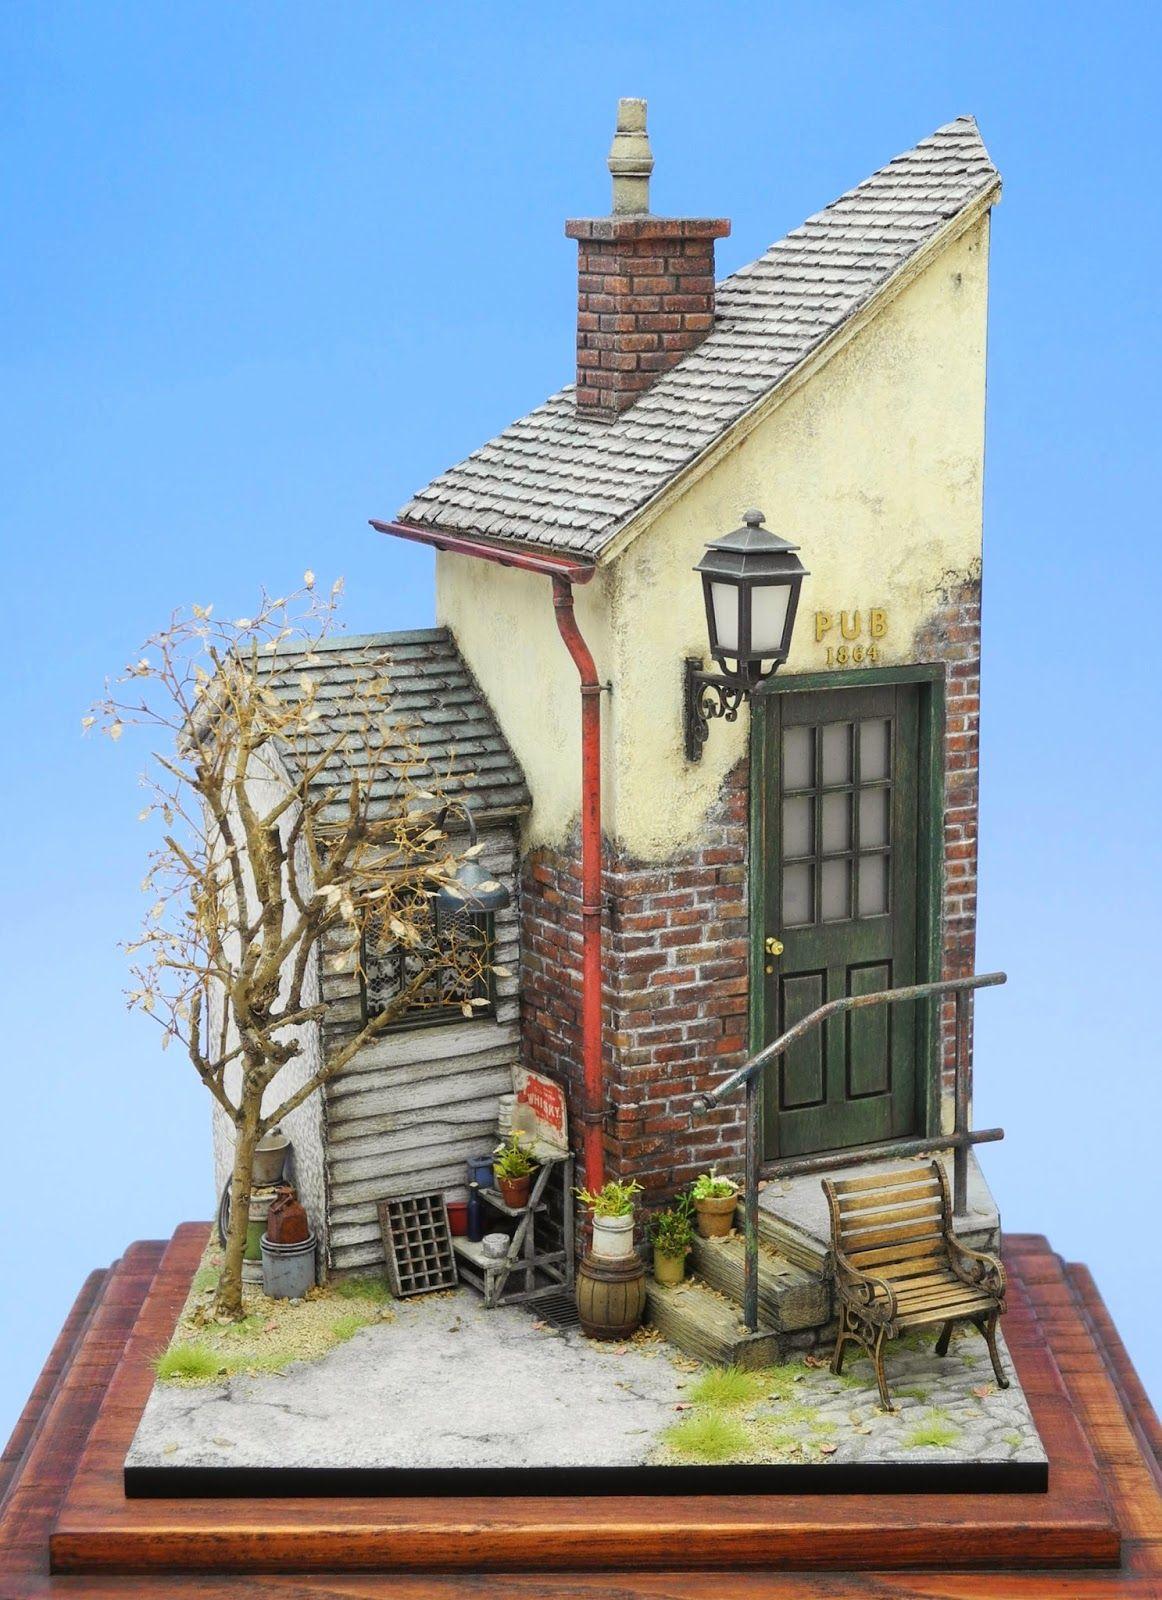 Available 妖精の家 ミニチュアハウス ジオラマのアイデア